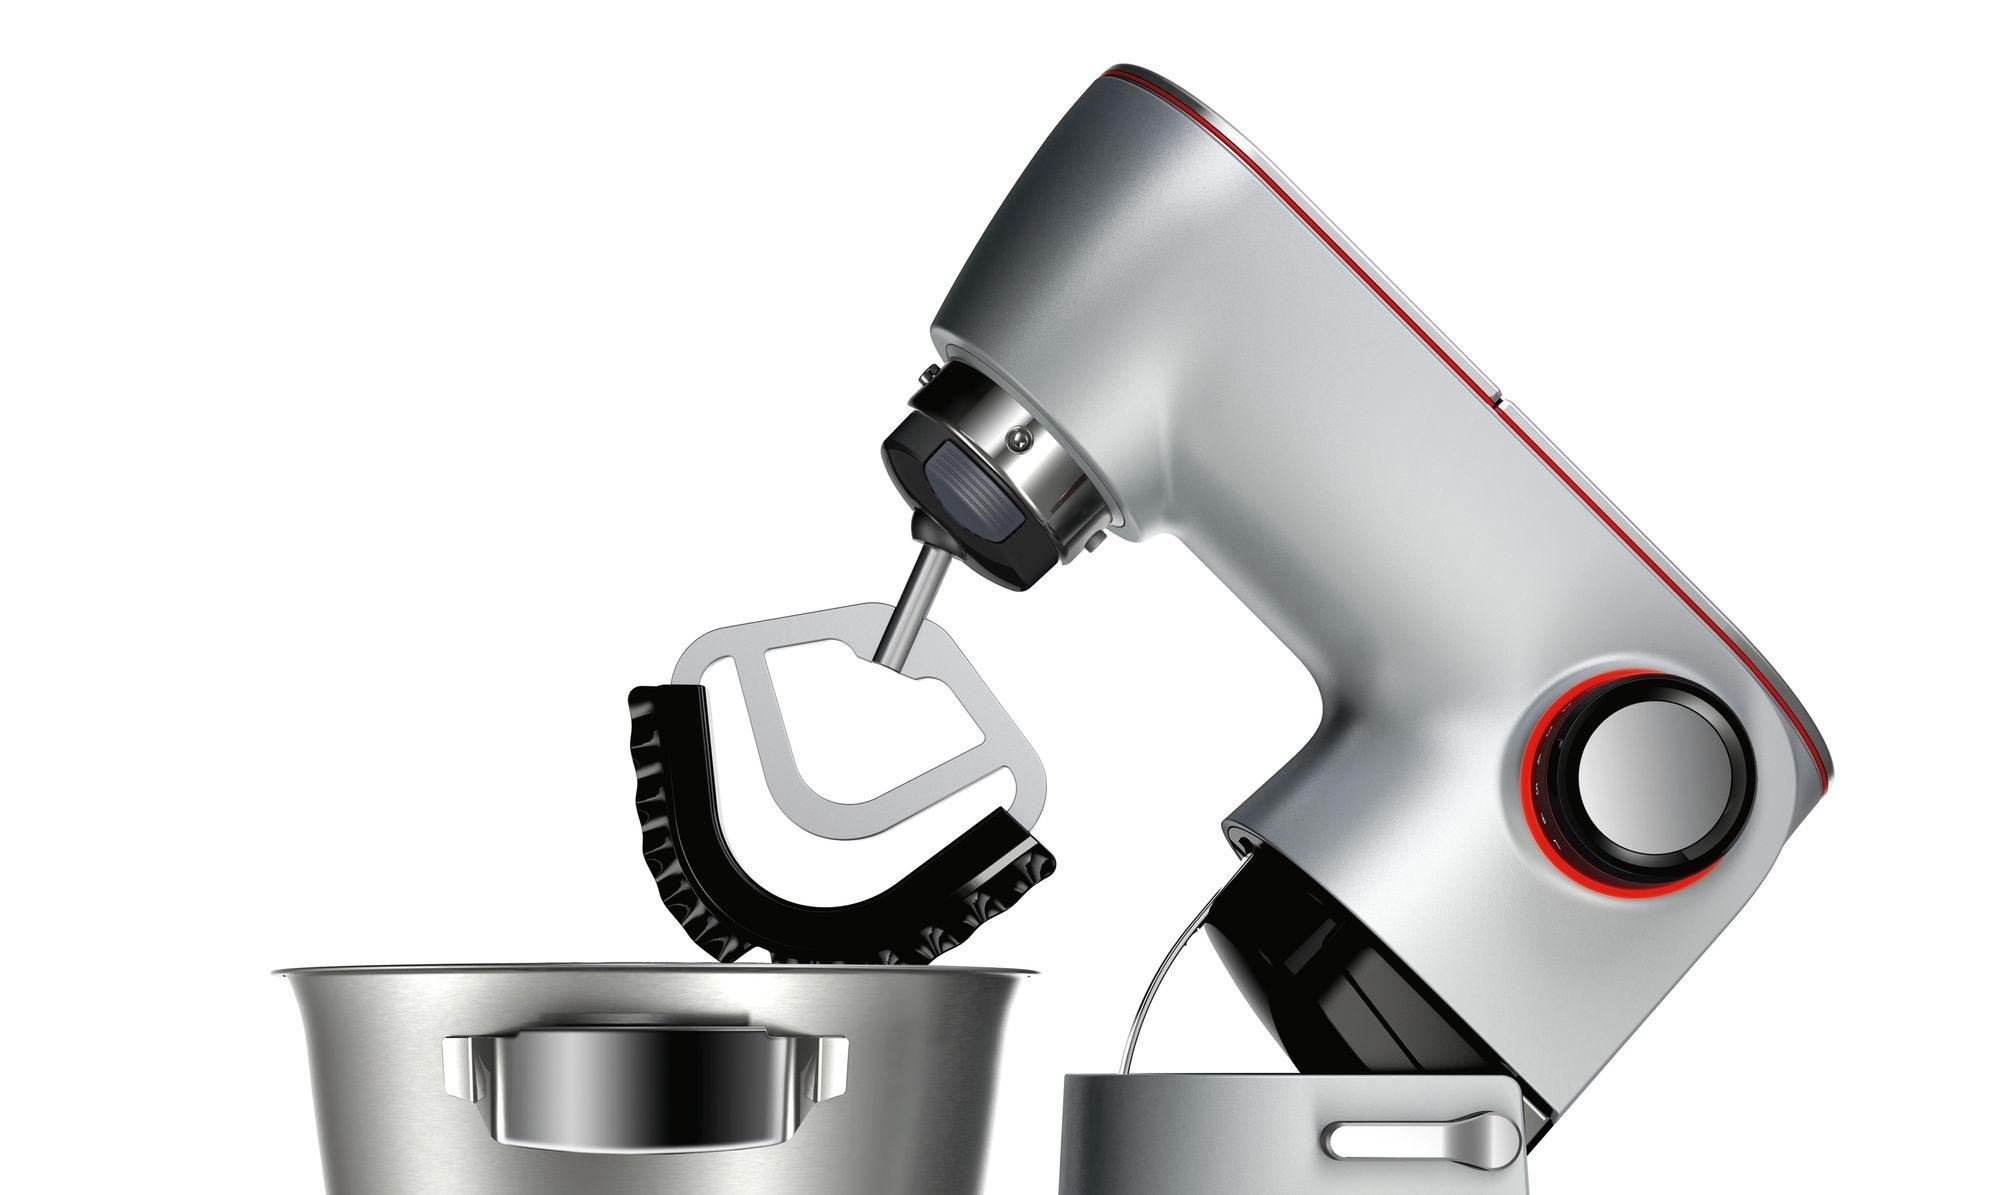 Bosch Universal Kuchenmaschine Mum9d64s11 Preisflix De